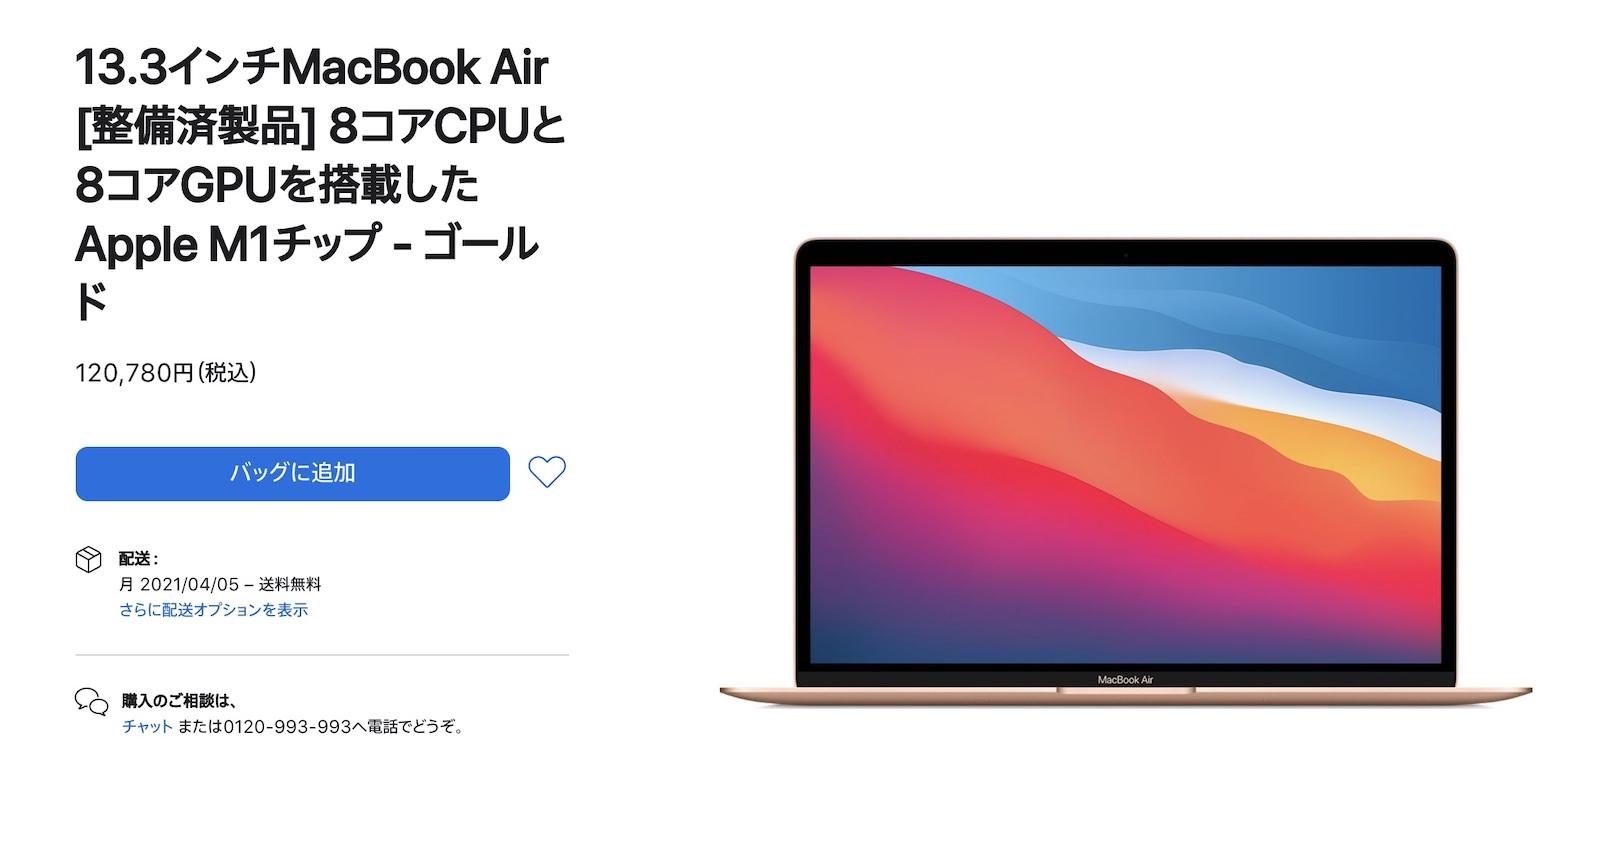 Refurbished macbookair m1 model